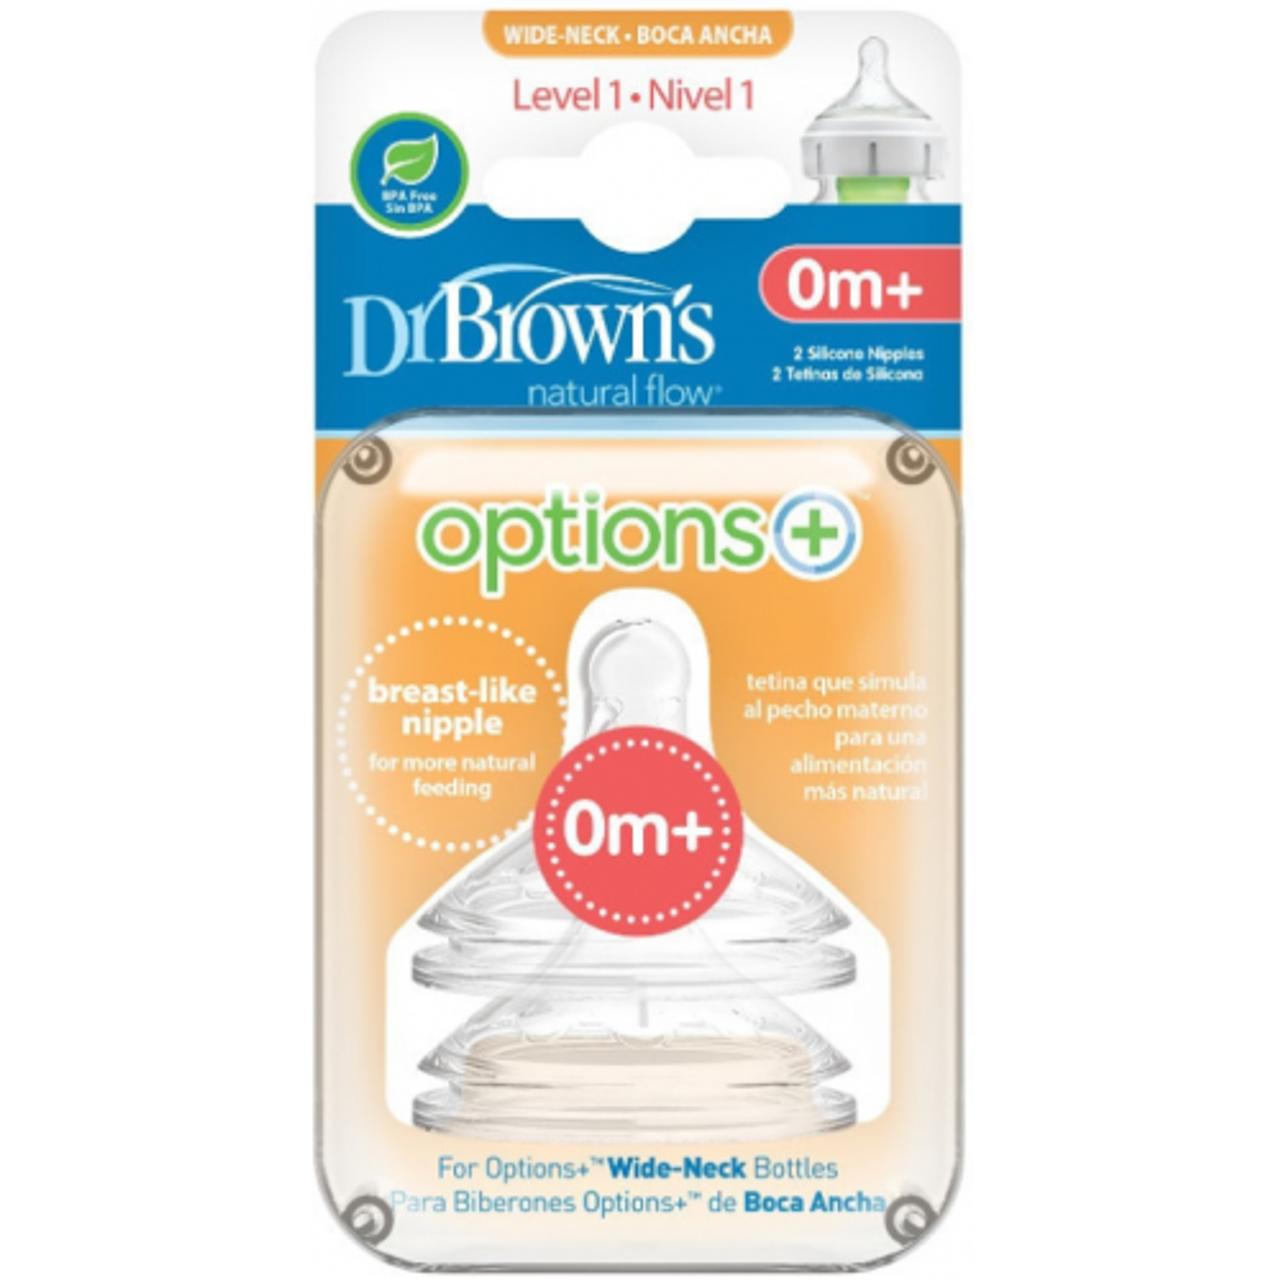 Dr Brown's Option PLUS Wide Neck Teats Vend Uncategorized 11.95